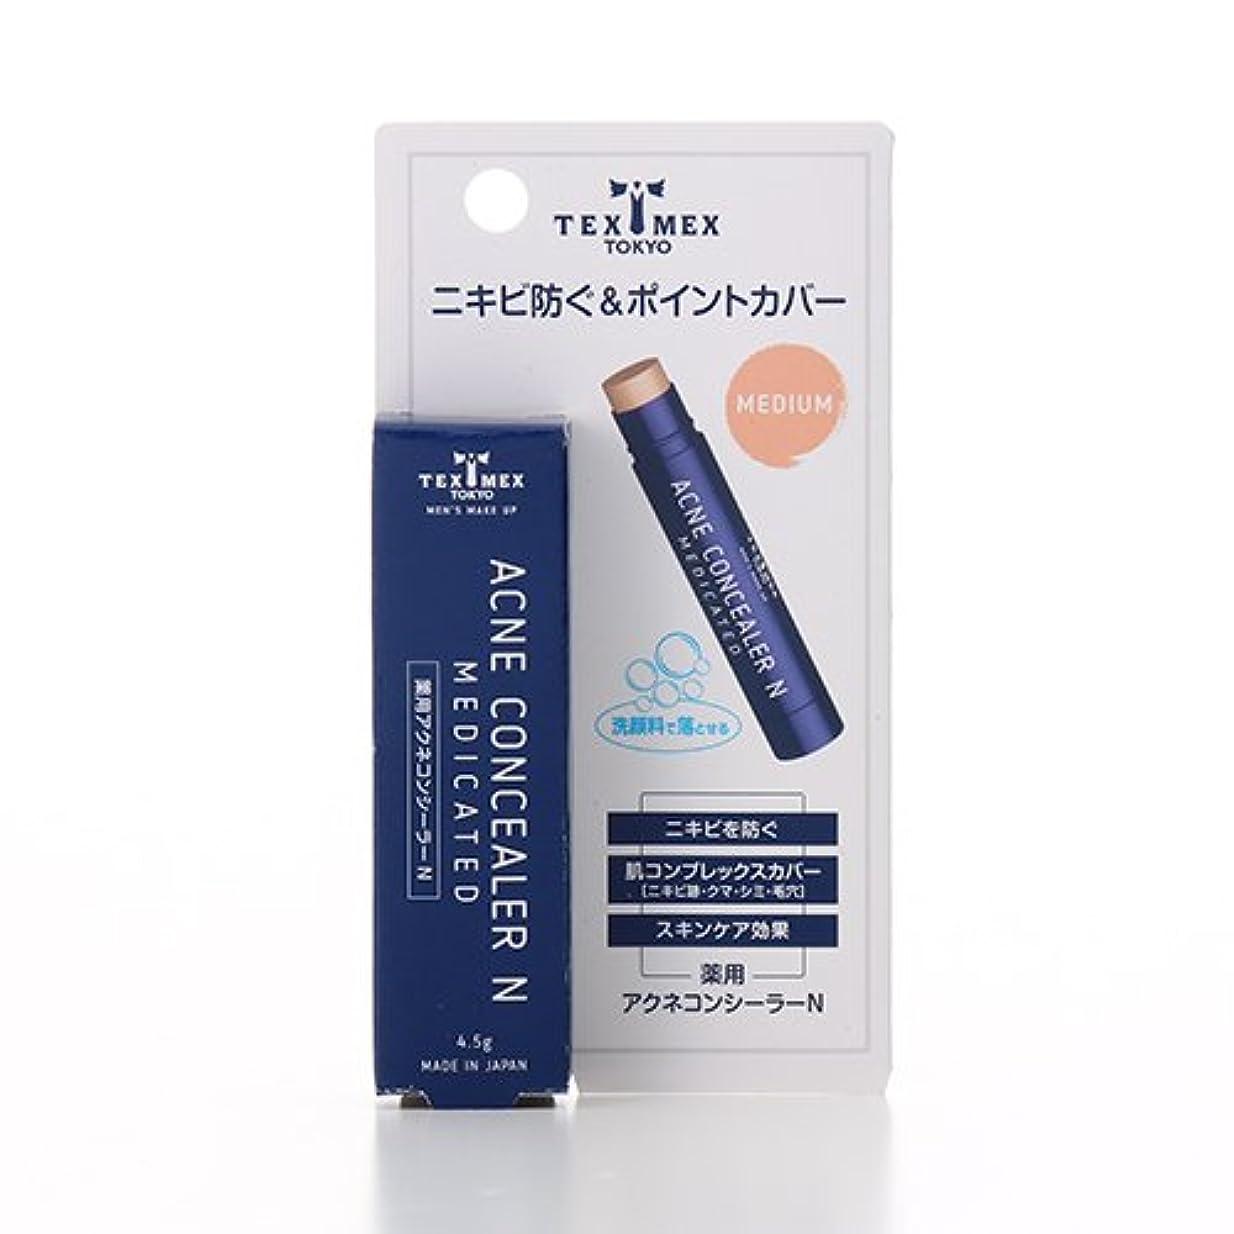 先生機関タウポ湖テックスメックス 薬用アクネコンシーラーN ミディアム 4.5g (医薬部外品)